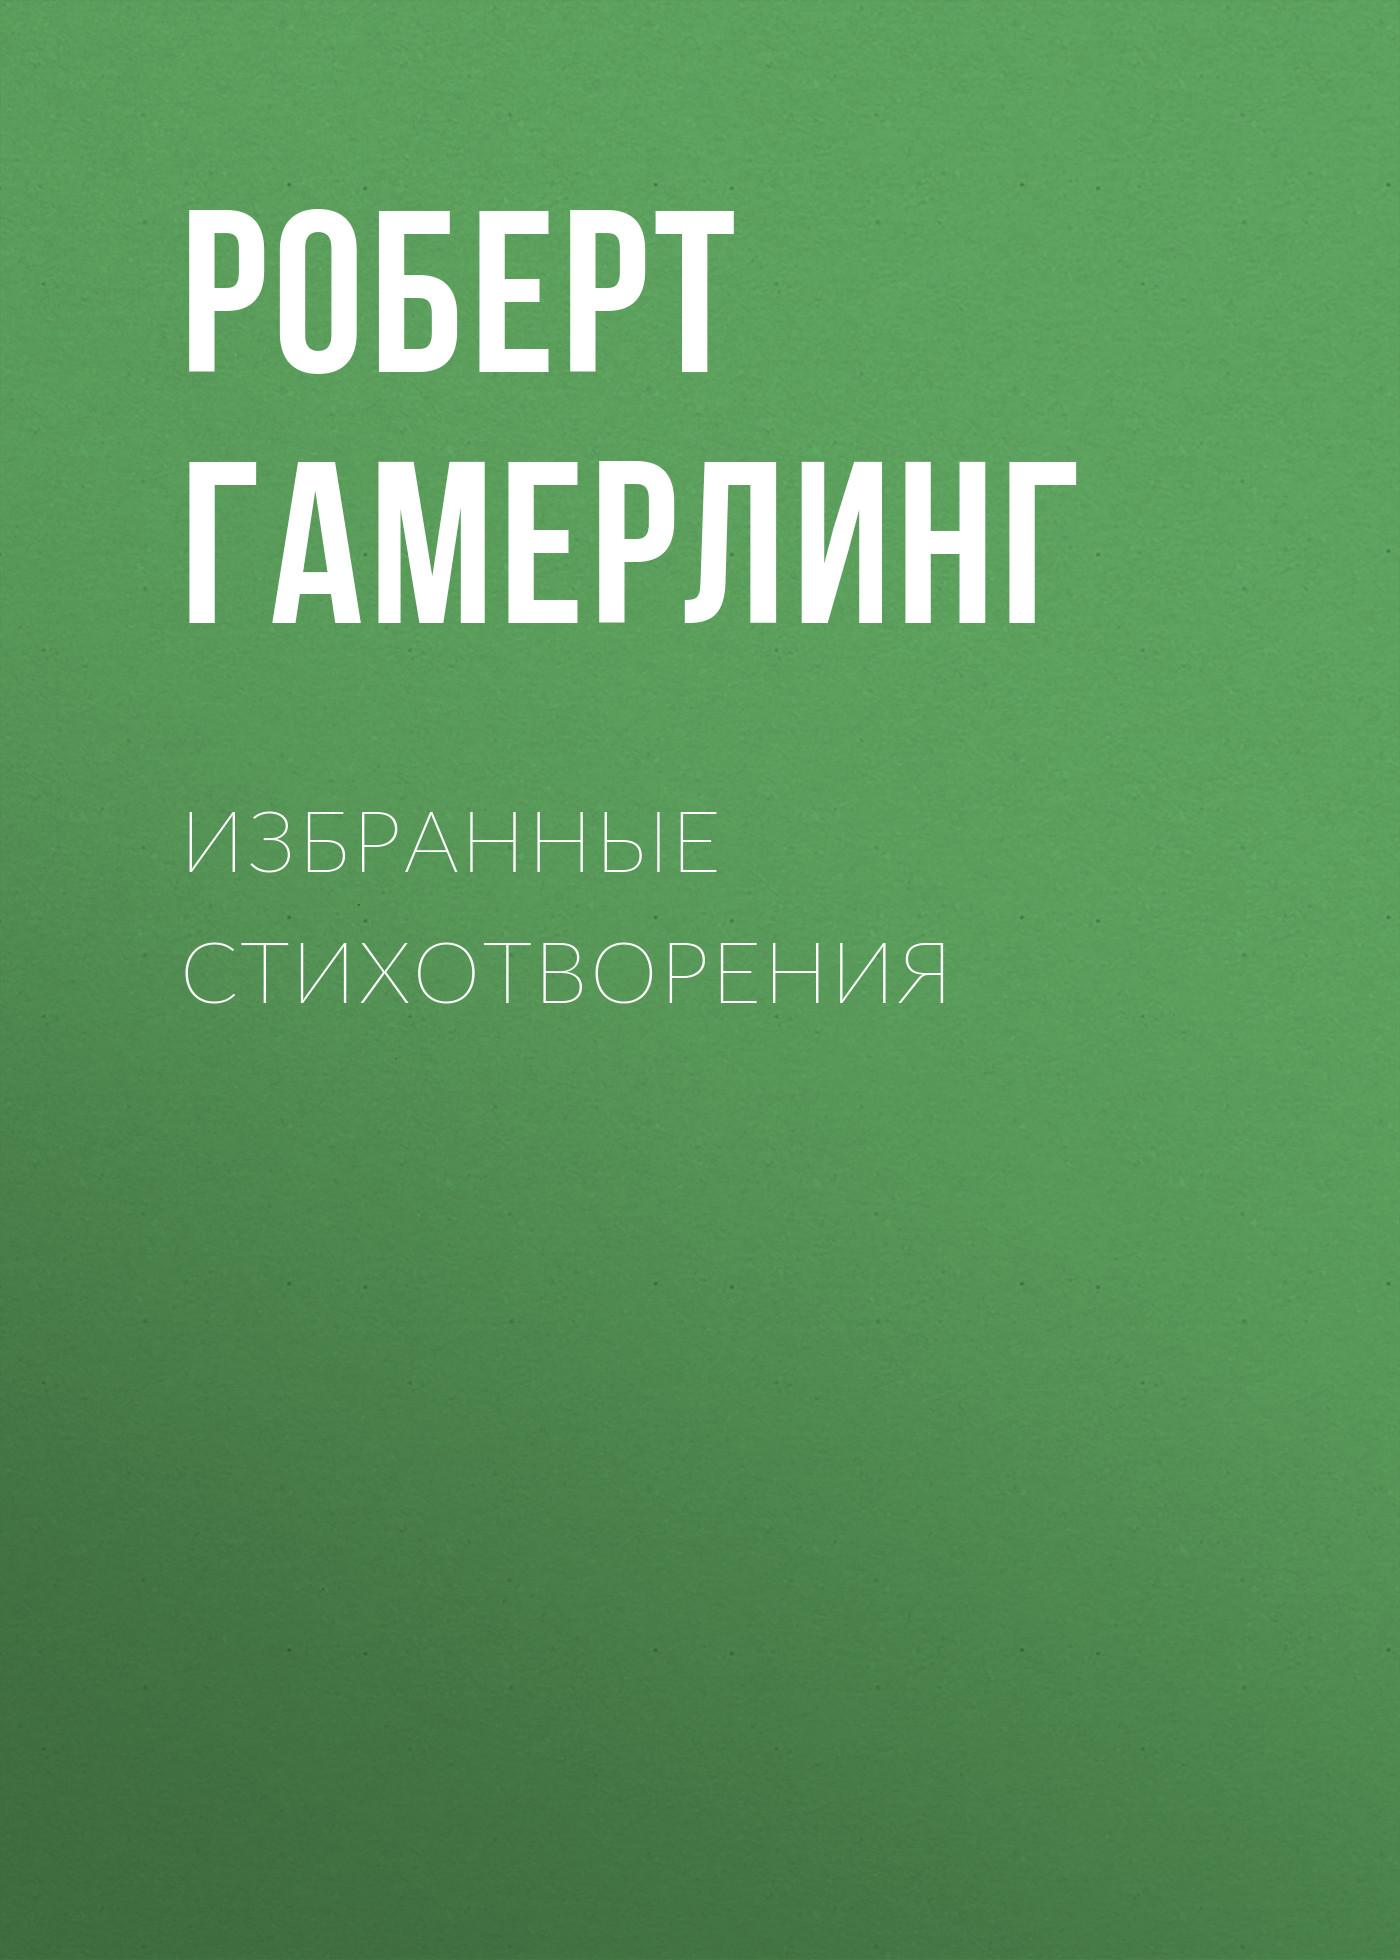 Роберт Гамерлинг Избранные стихотворения дитя цивилизации избранные эссе